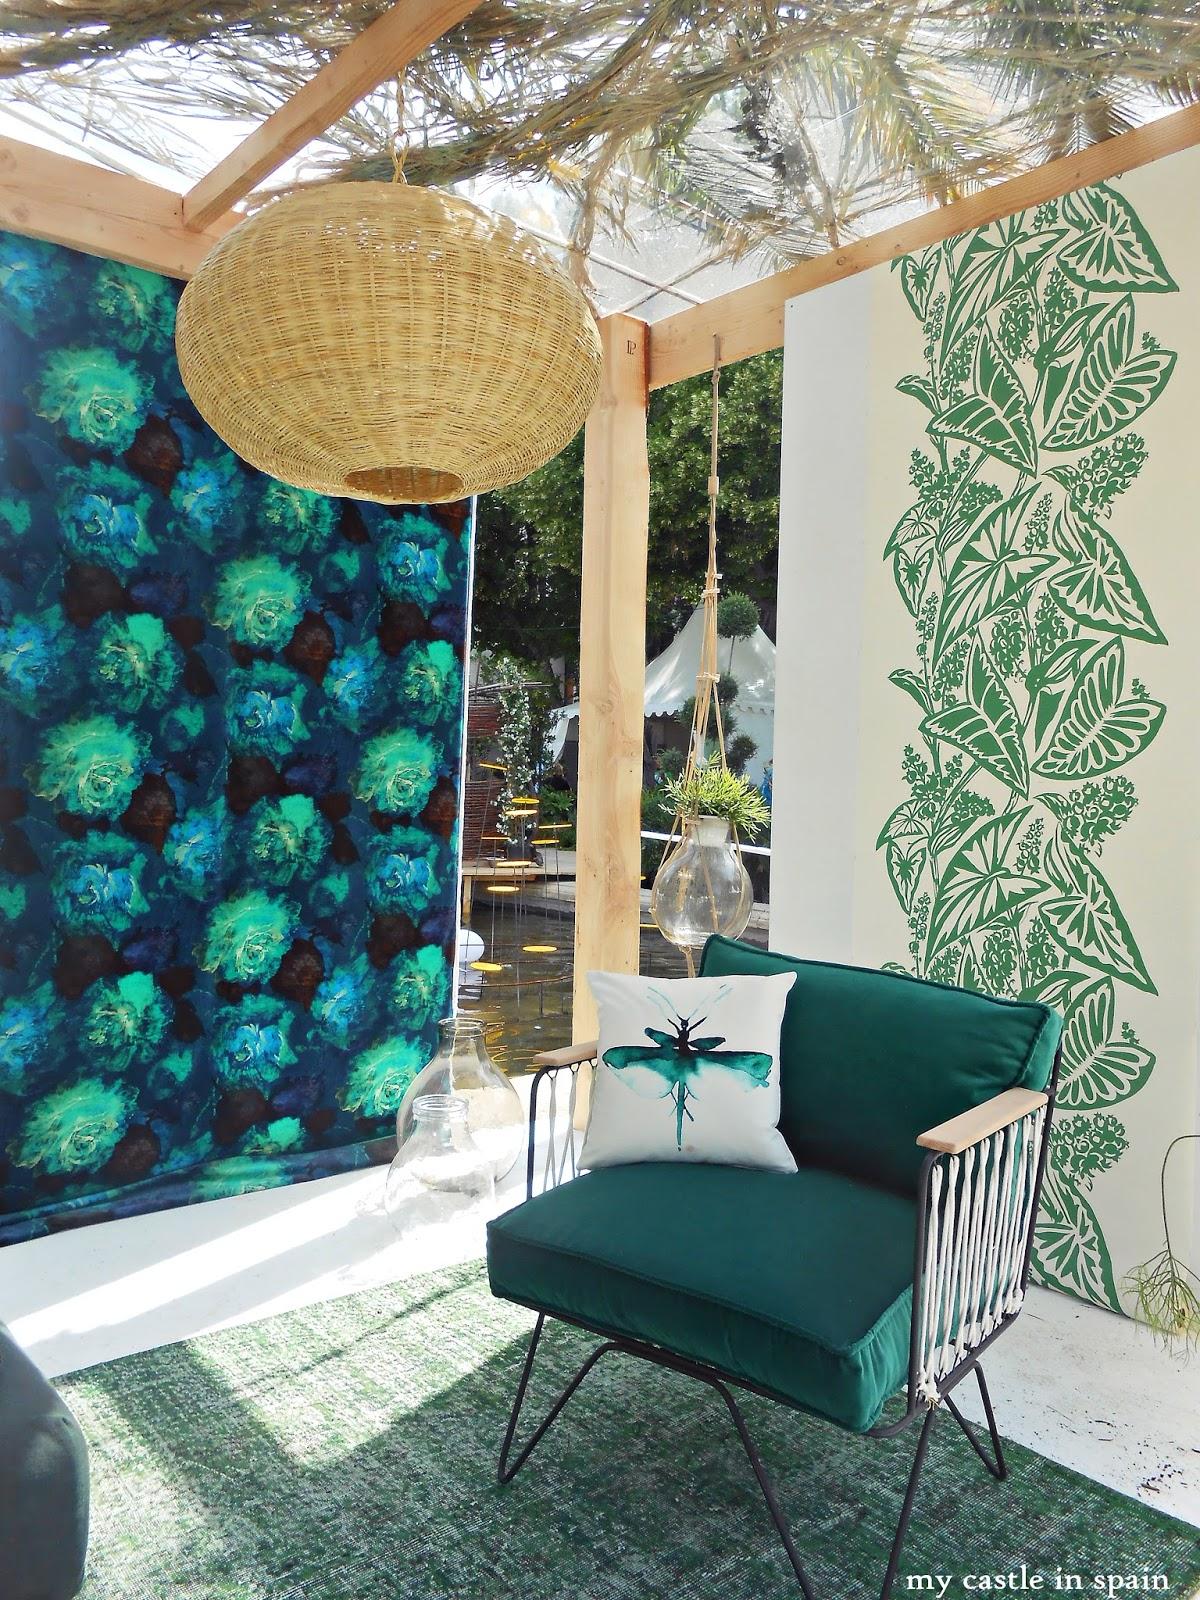 Salon vivre c t sud in aix en provence a trade show dedicated to the mediterranean lifestyle - Vivre a salon de provence ...